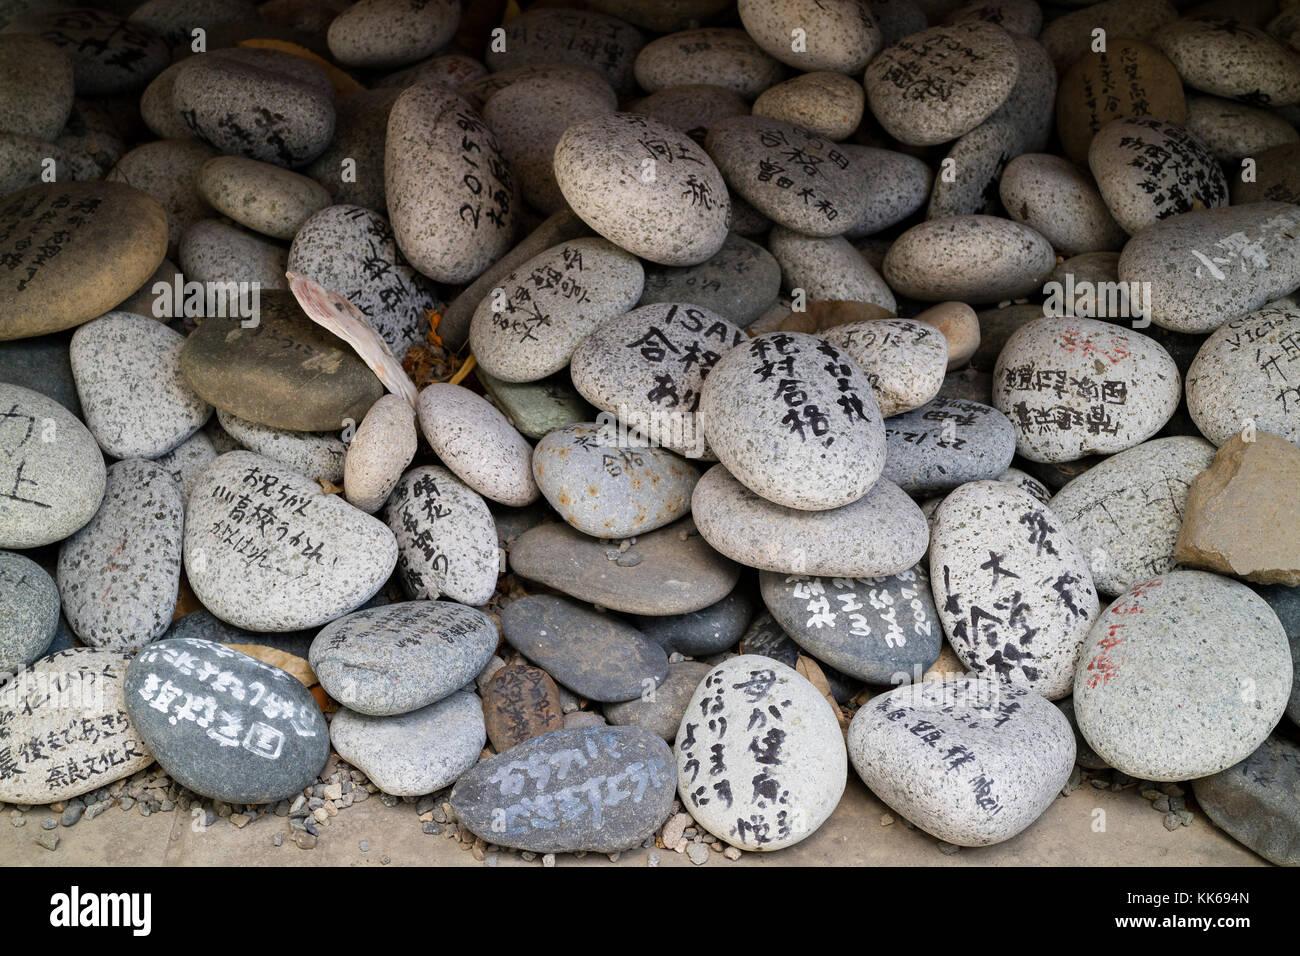 Nagano, Giappone - 5 giugno 2017: tipo speciale di EMA, auguri e preghiere scritte su pietre ghiaia Immagini Stock